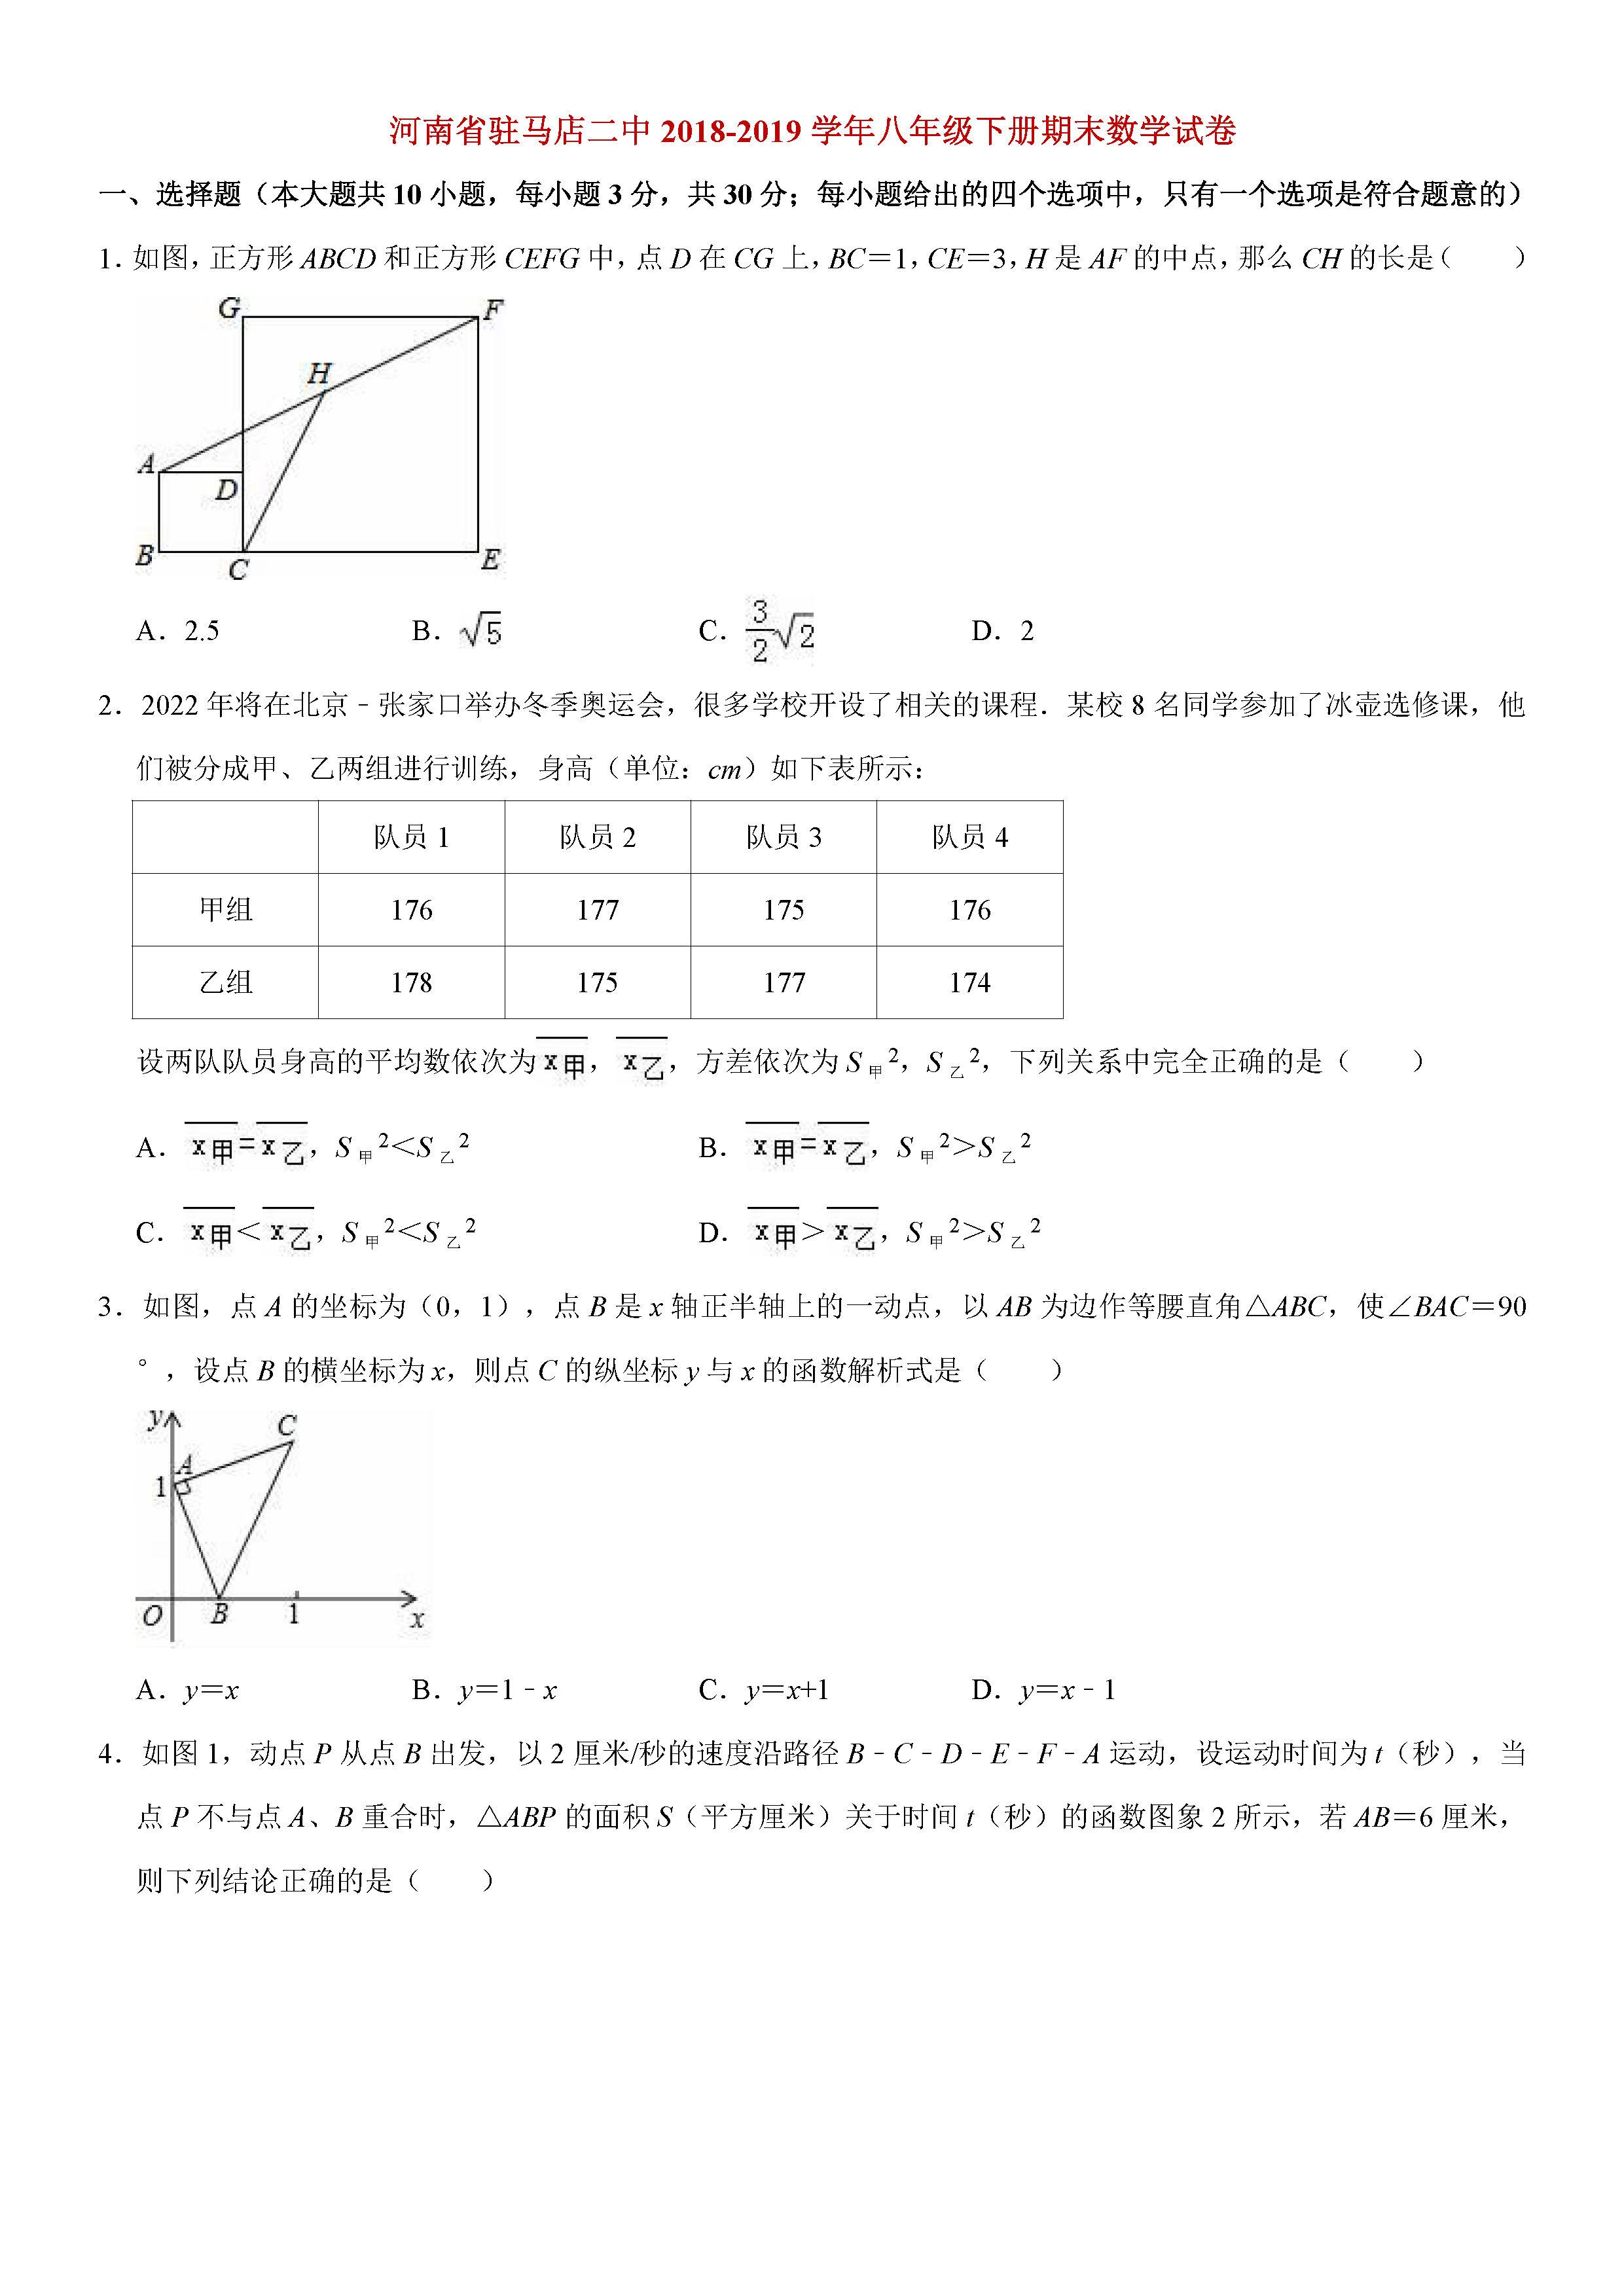 河南省驻马店2018-2019八年级数学下册期末测试题含解析